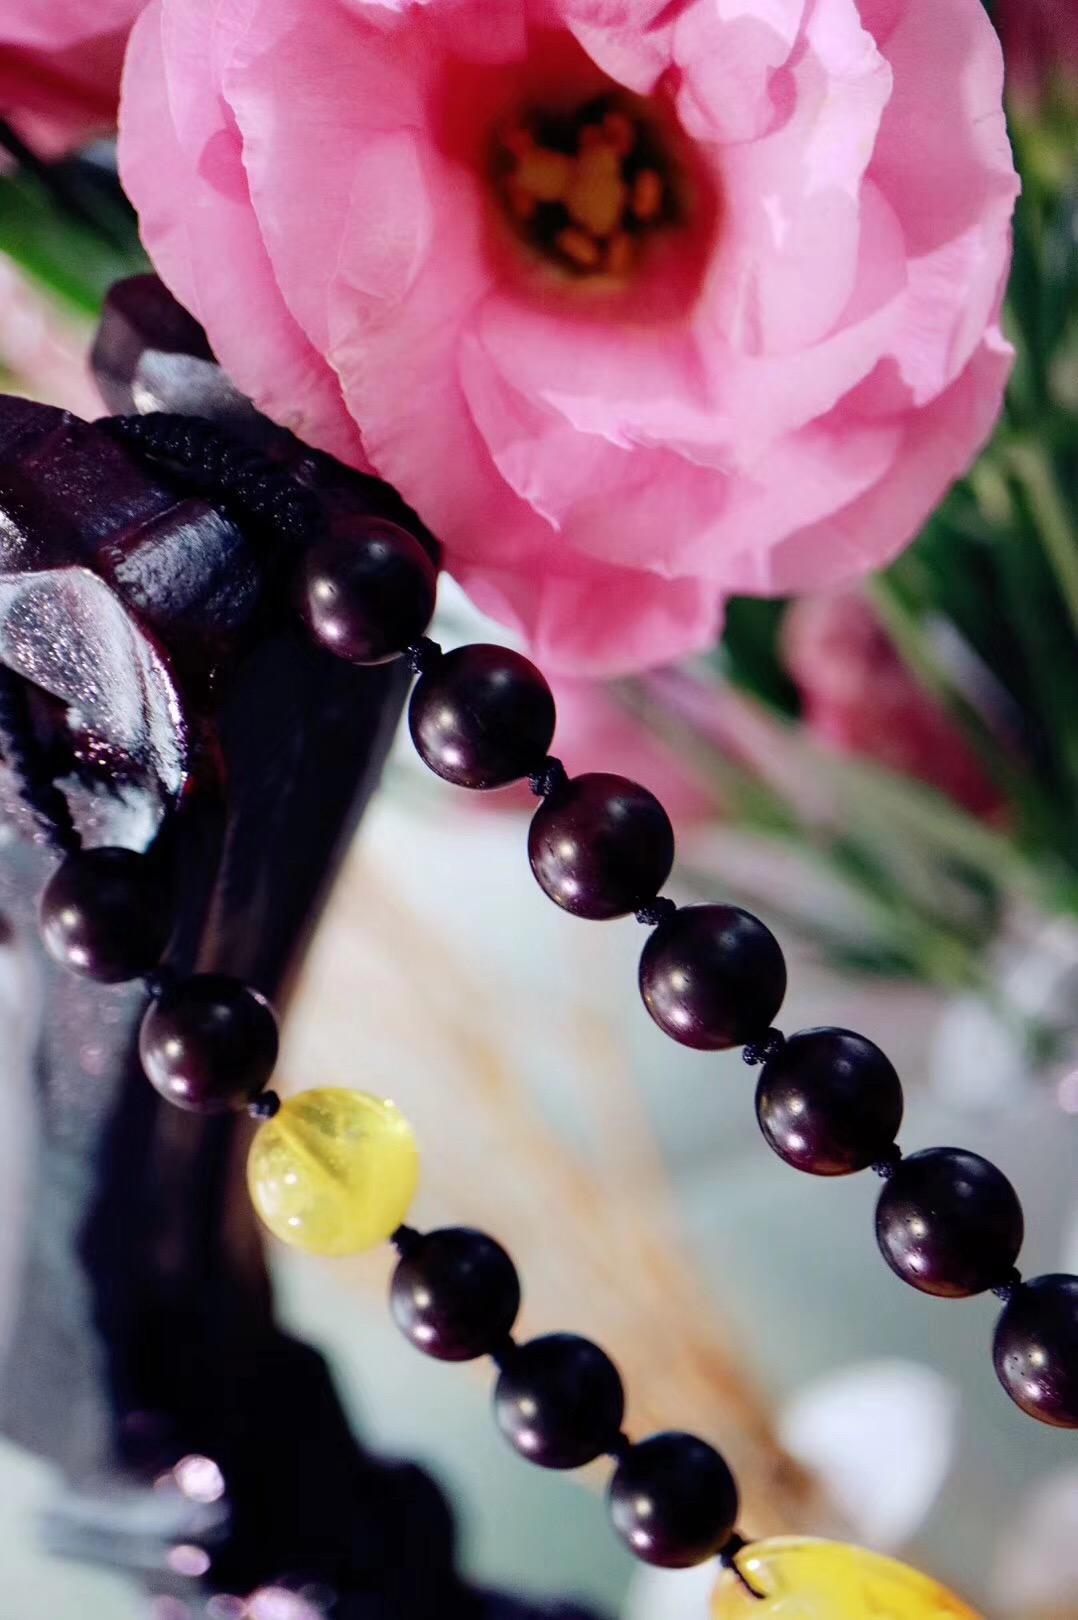 【蜜蜡 | 小叶紫檀 | 百搭挂件】有艰辛,有收获,更有幸福~~-菩心晶舍